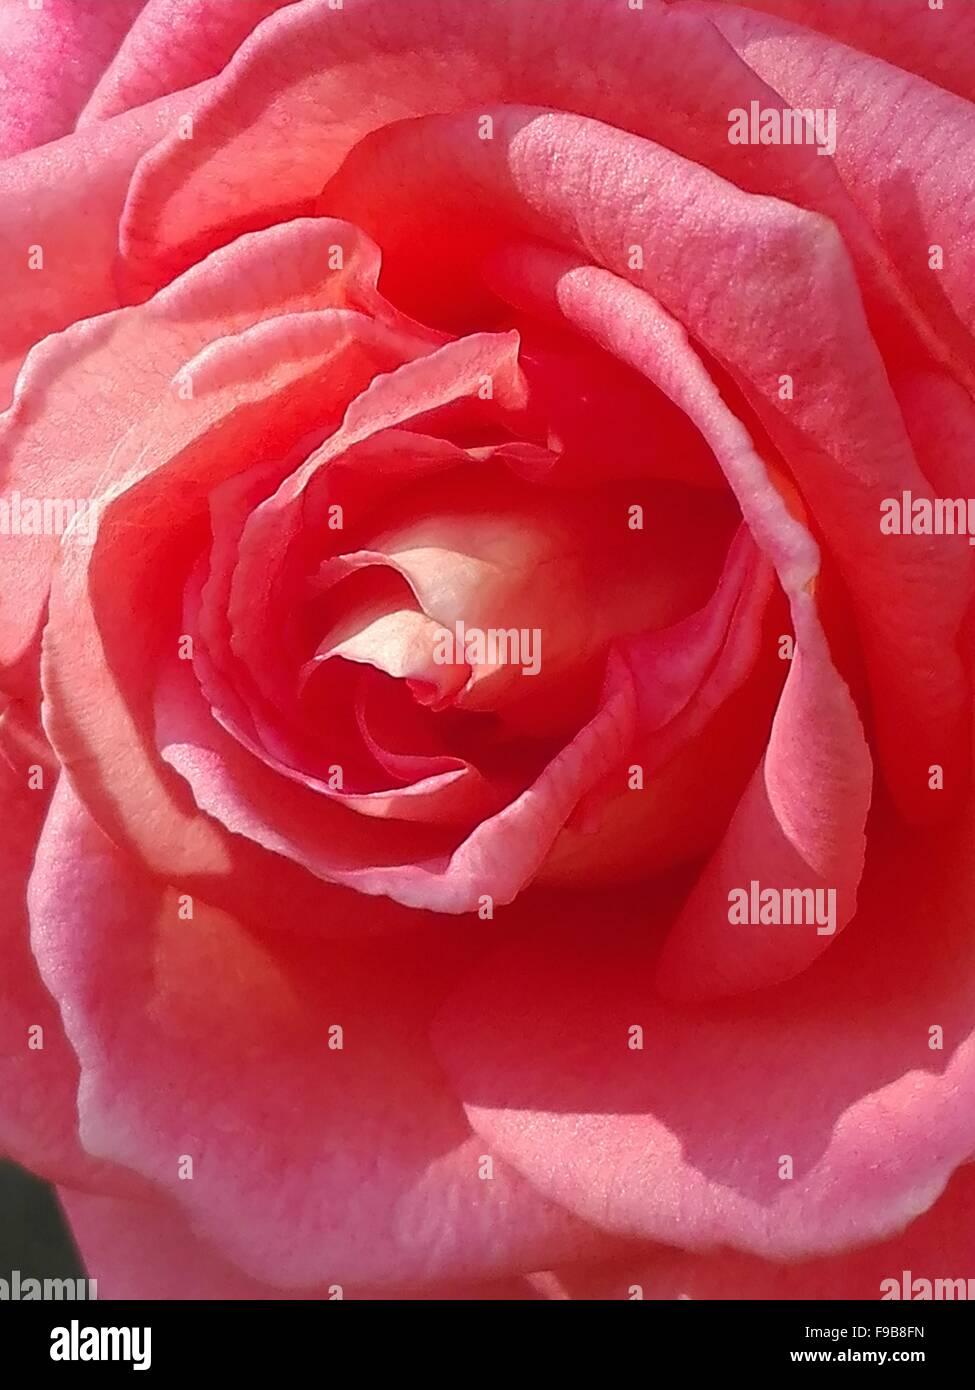 Rosa Rosso Sfondo Fiore Oggetto Bud Closeup Foto Amore